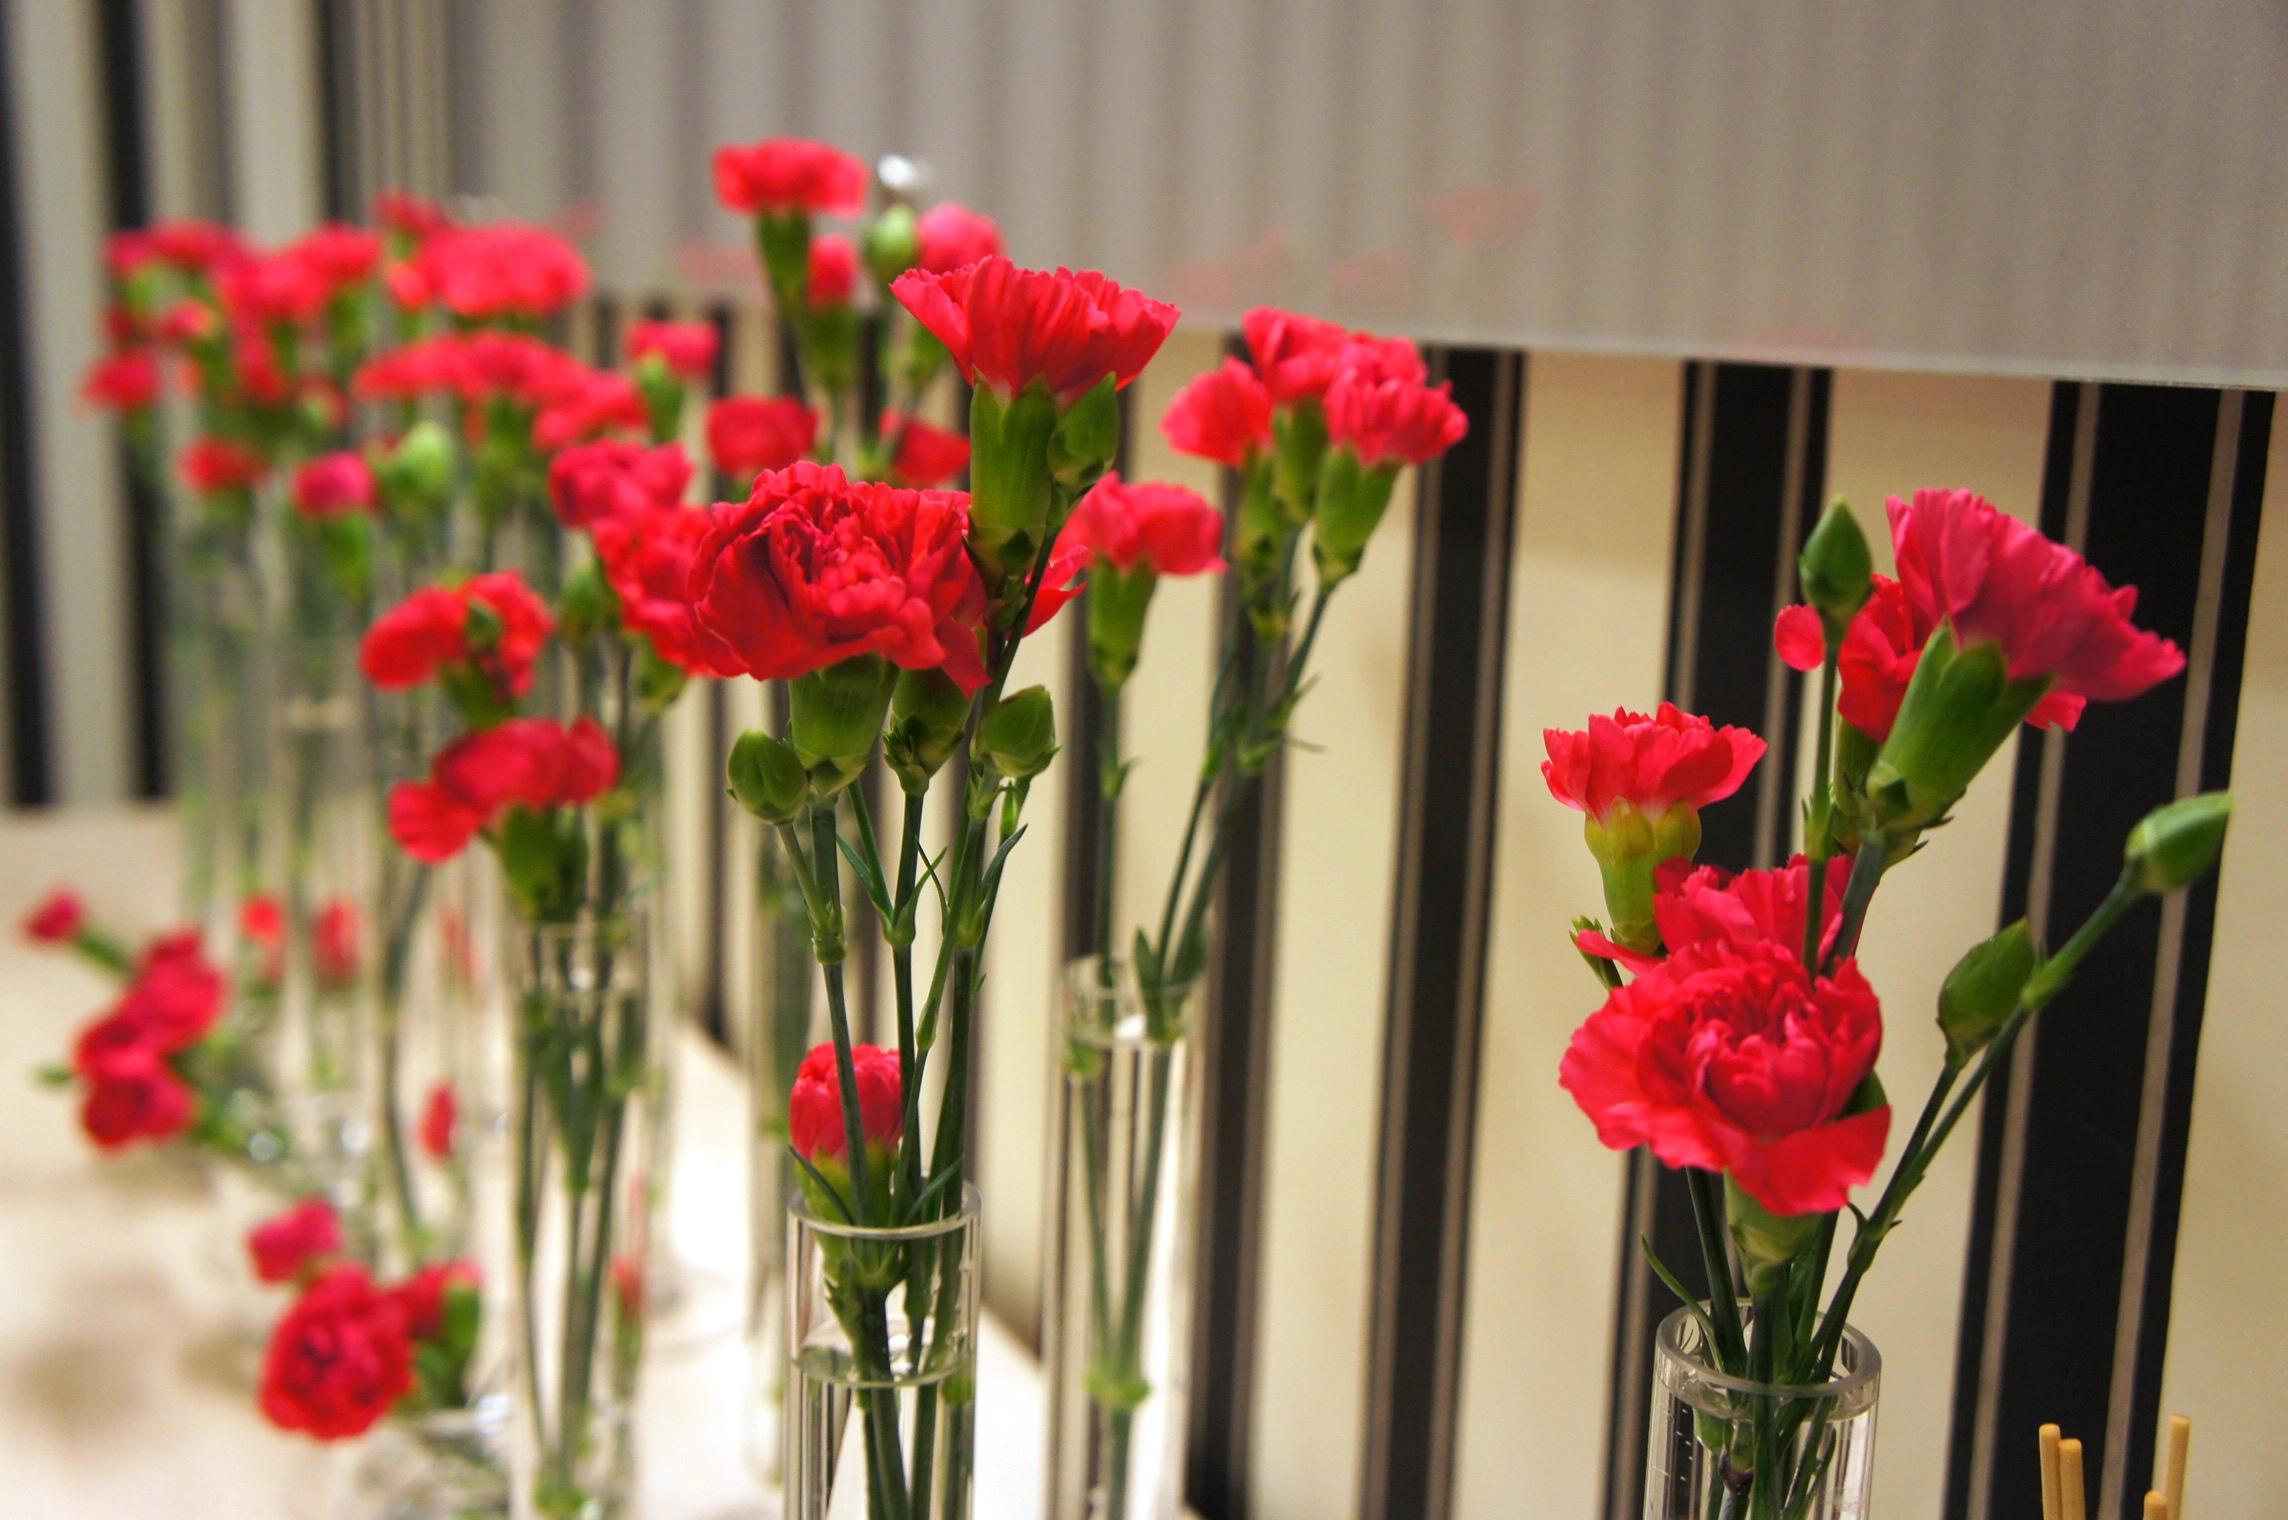 Ktore Z Popularnie Dostepnych Kwiatow Sa Najtwalsze Przedstawiamy 10 Wytypowanych Przez Nas Gatunkow Studio Atamaris